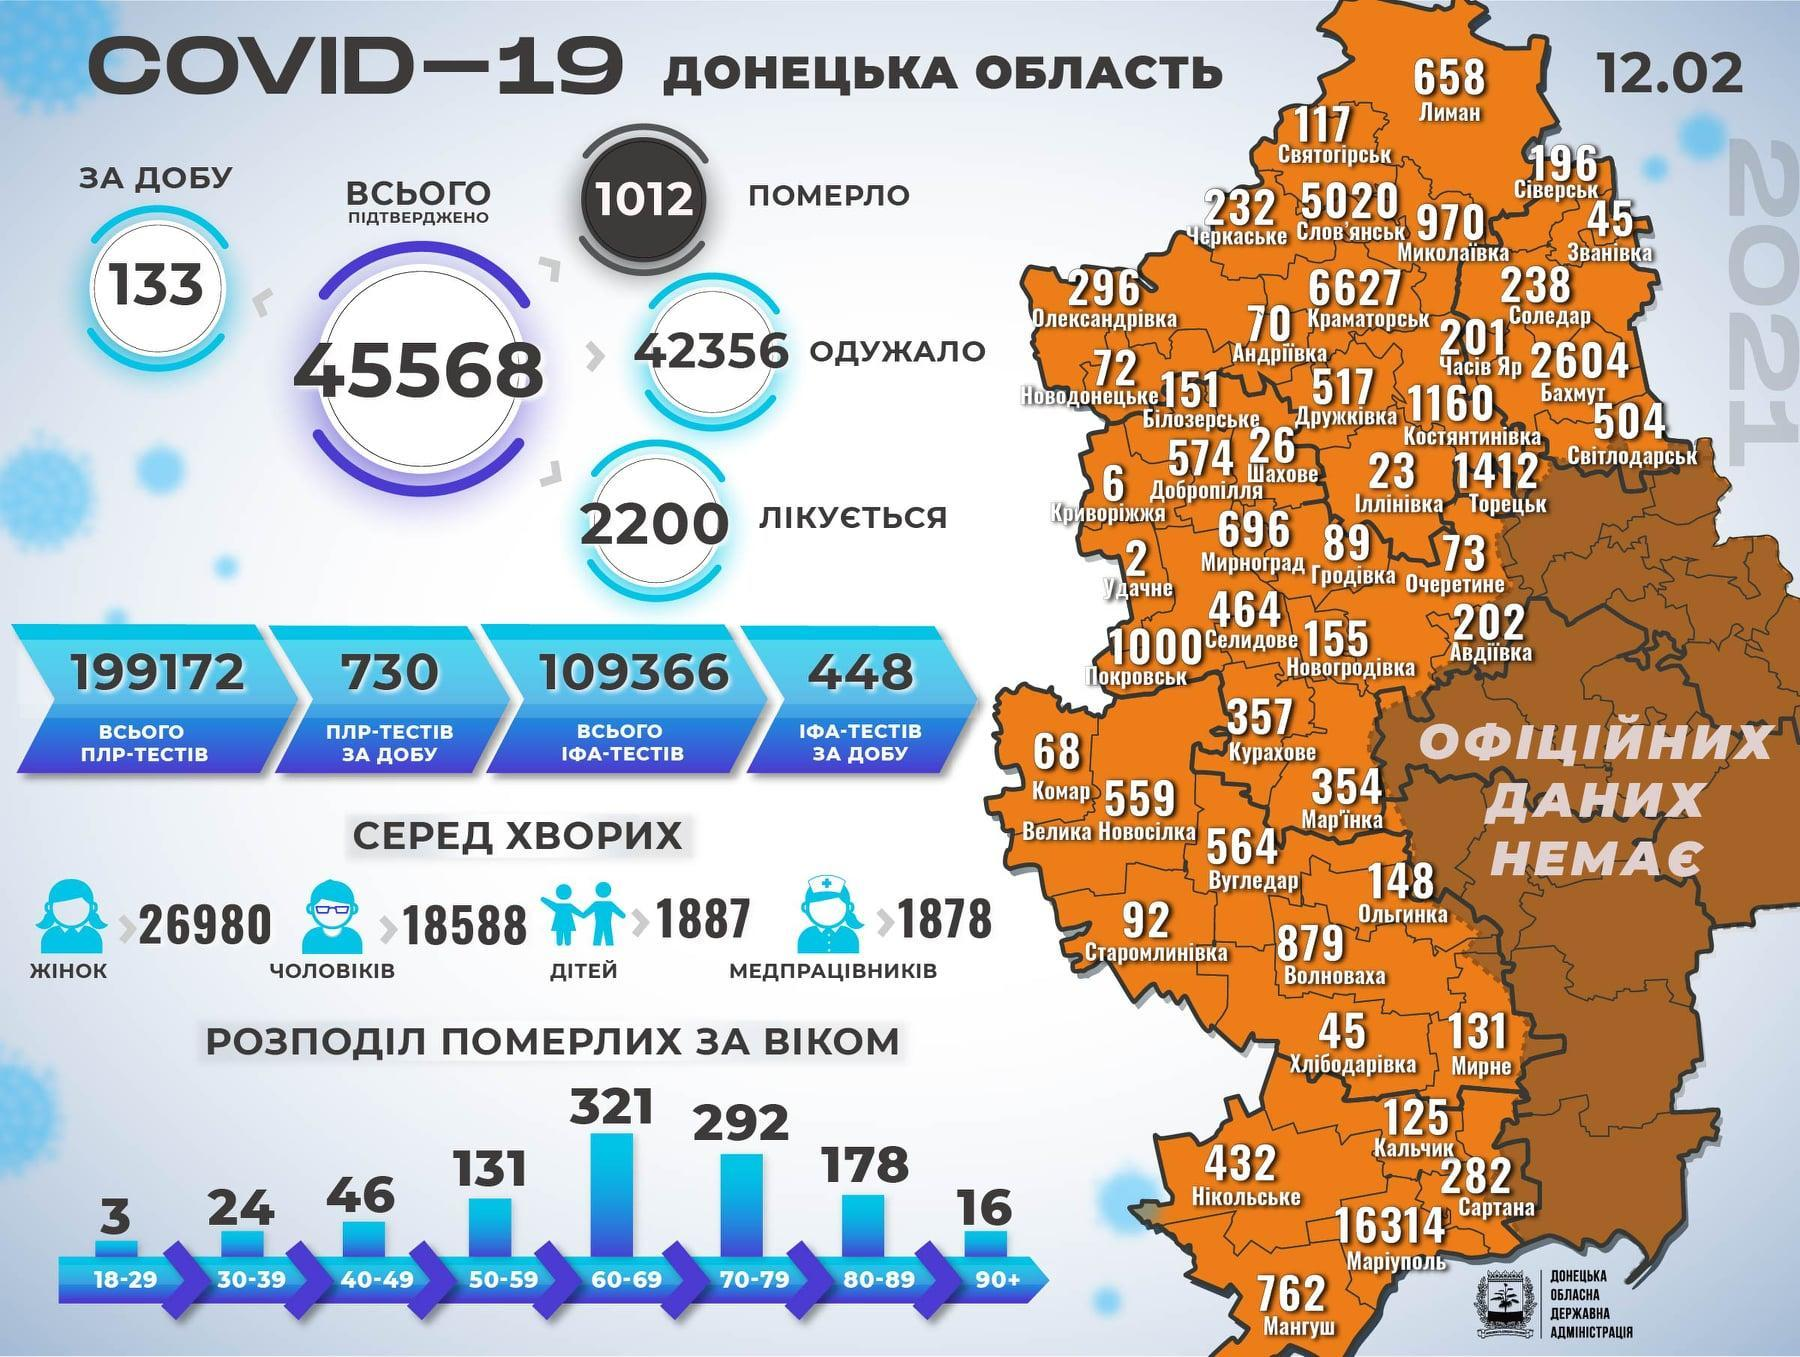 інфографіка ДонВЦА